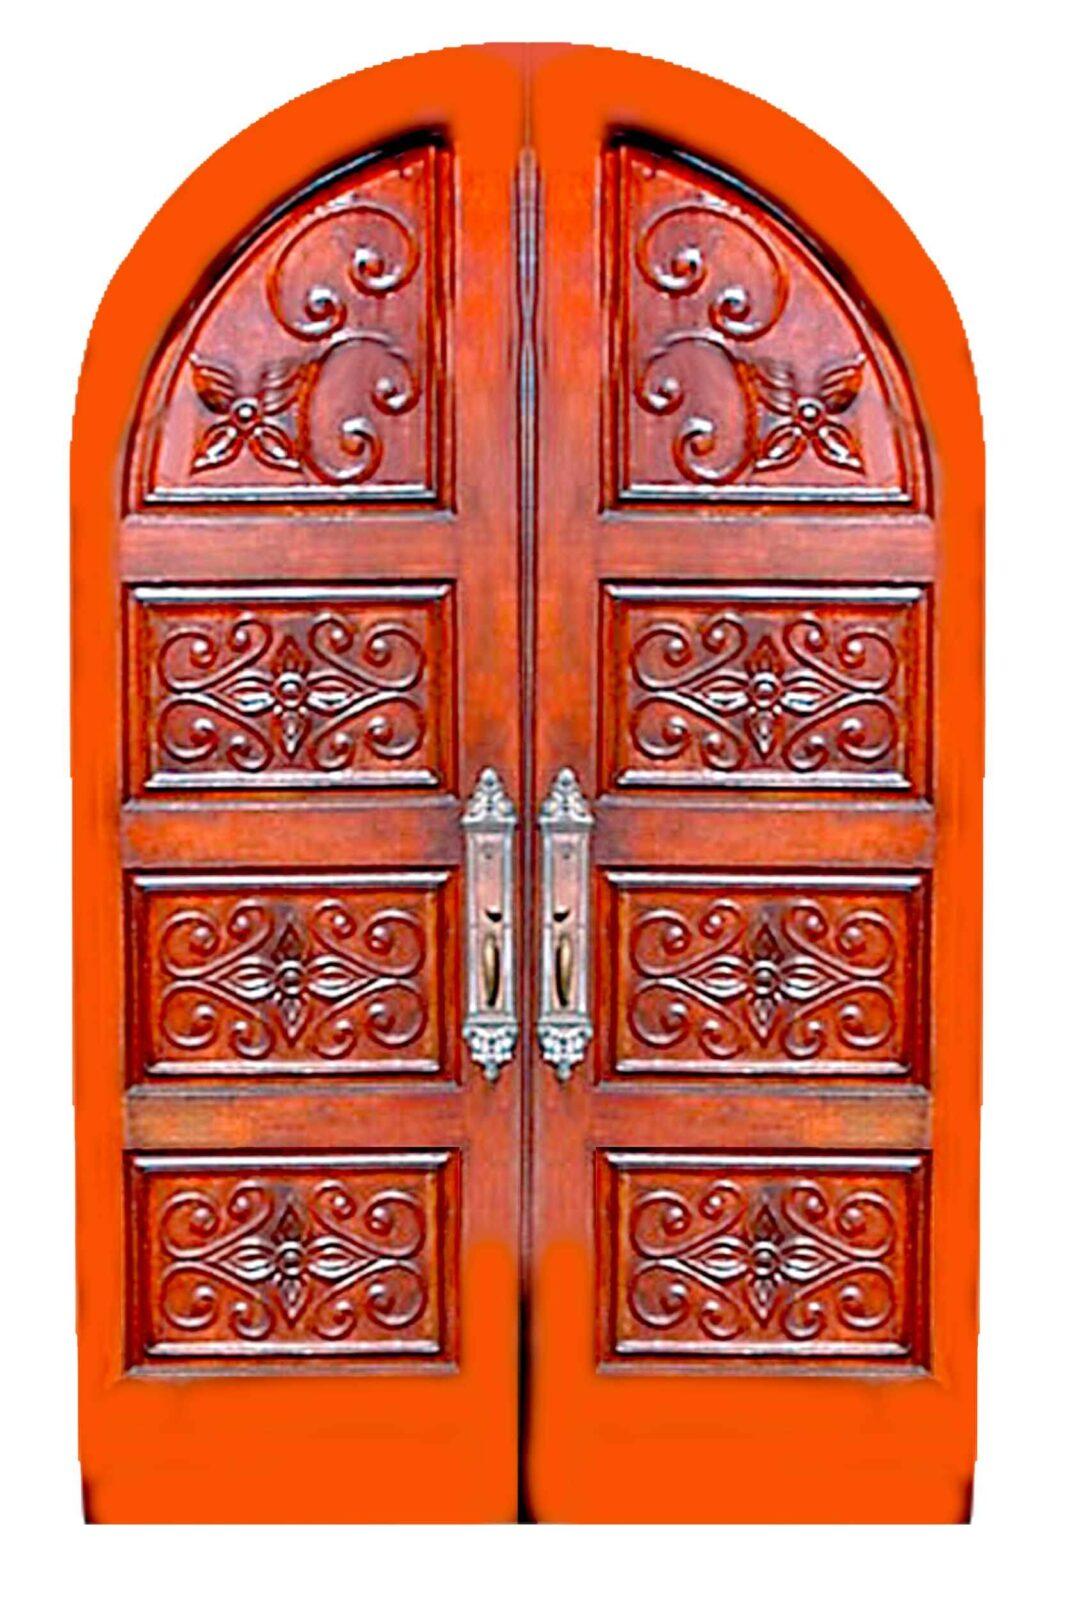 MIAMI BEACH MAHOGANY CARVED ENTRY DOORS